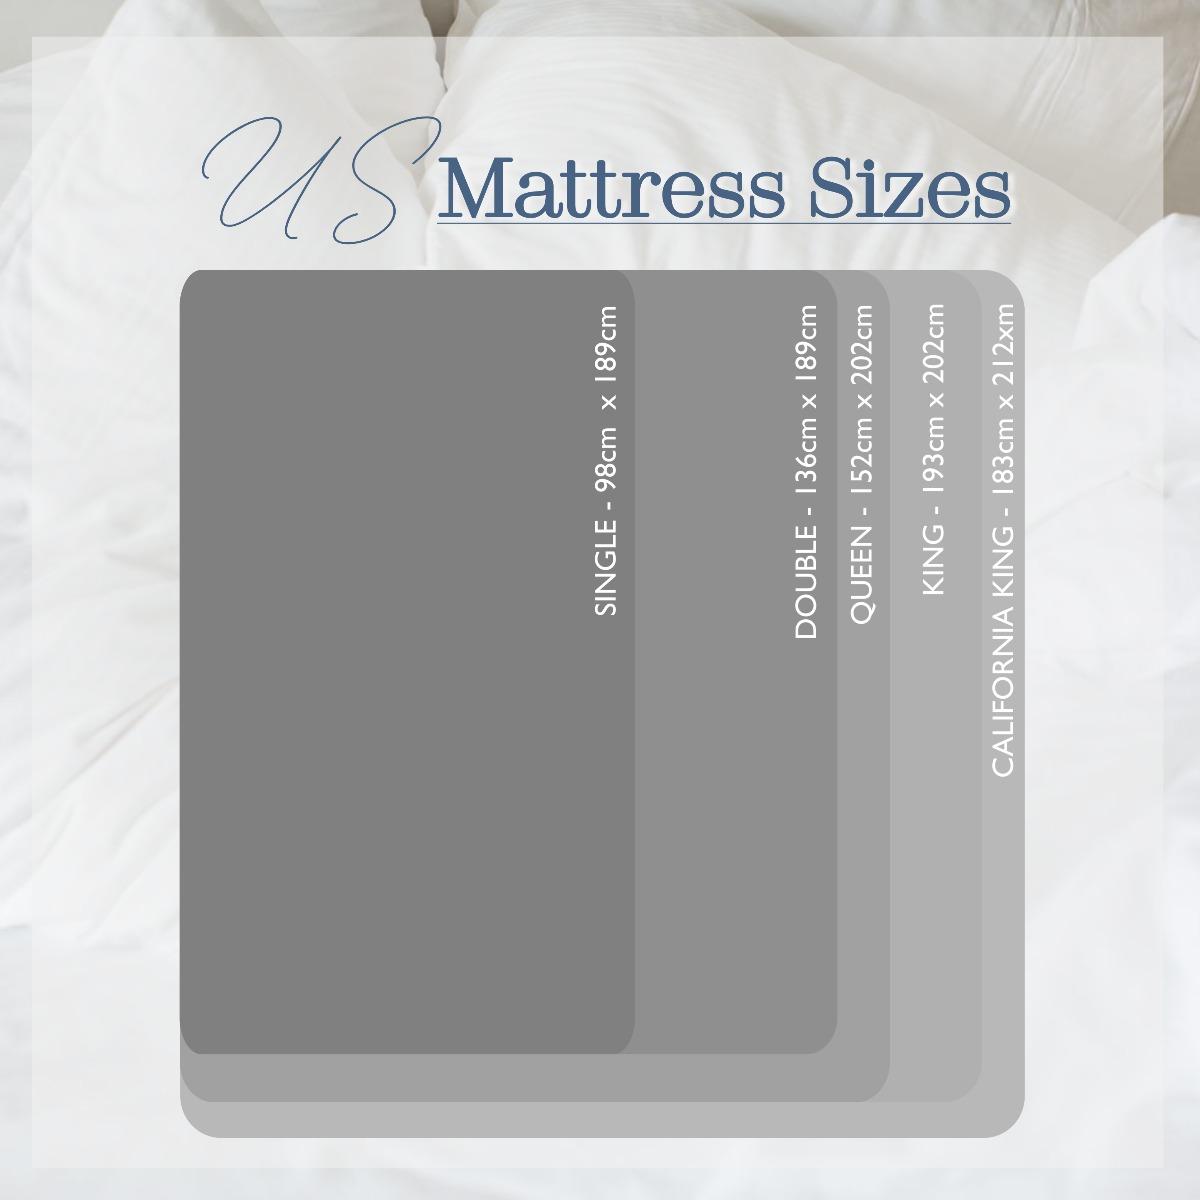 US Mattress Size Chart